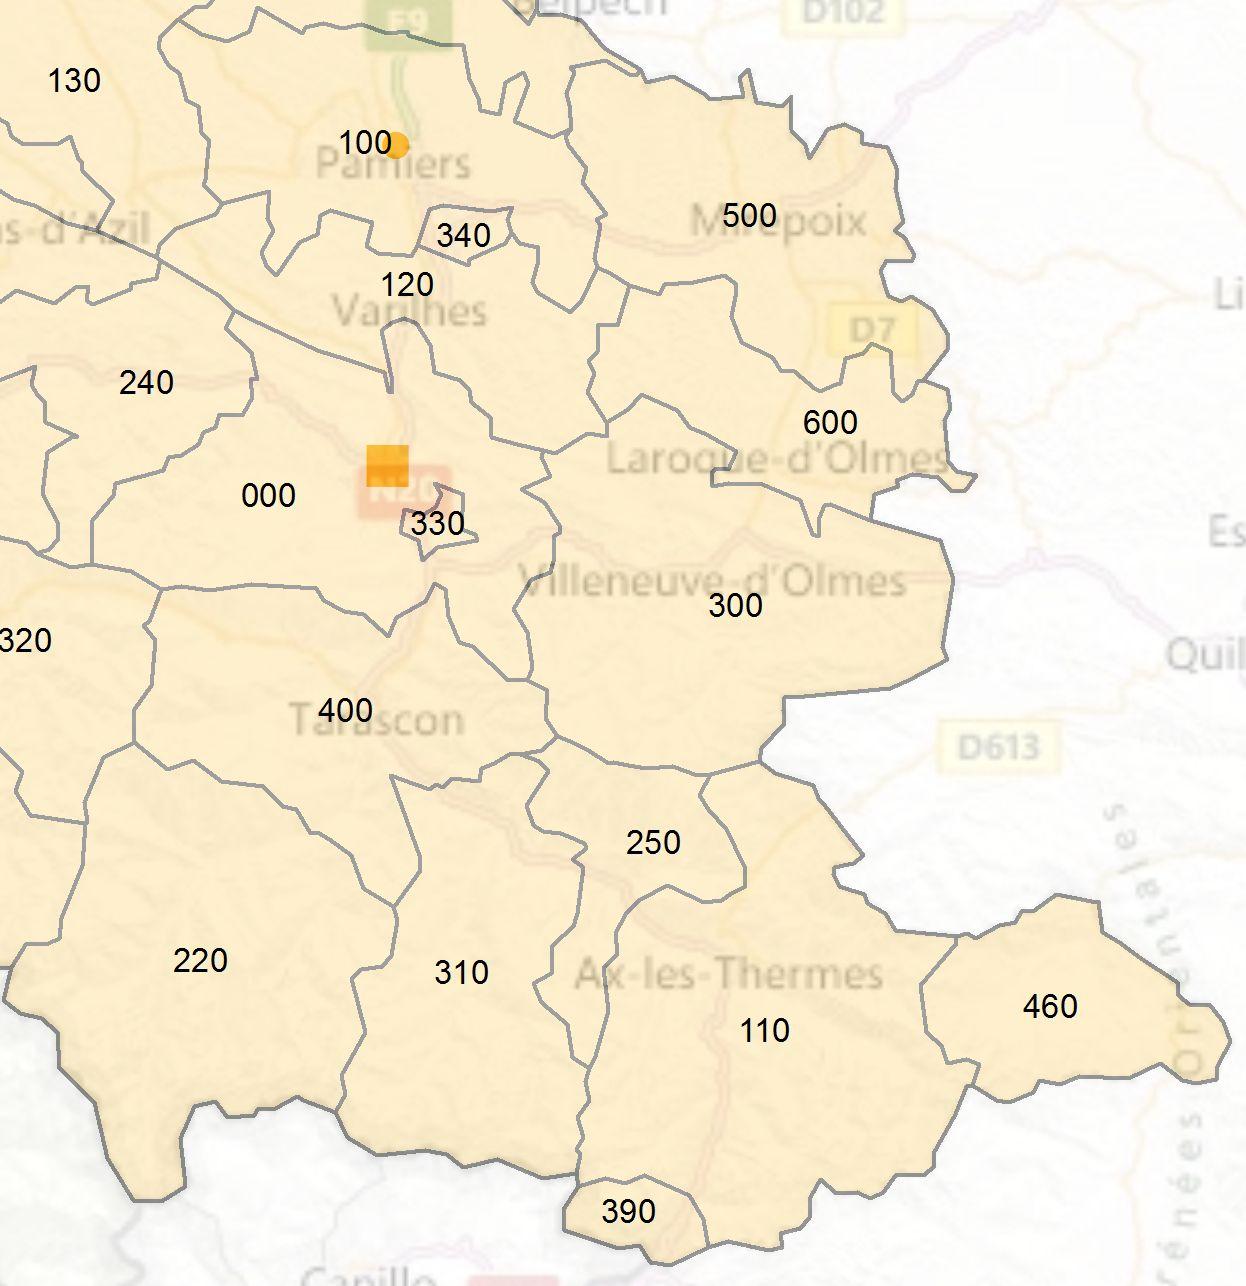 Artigues diagnostic immobilier et DPE en Ariège